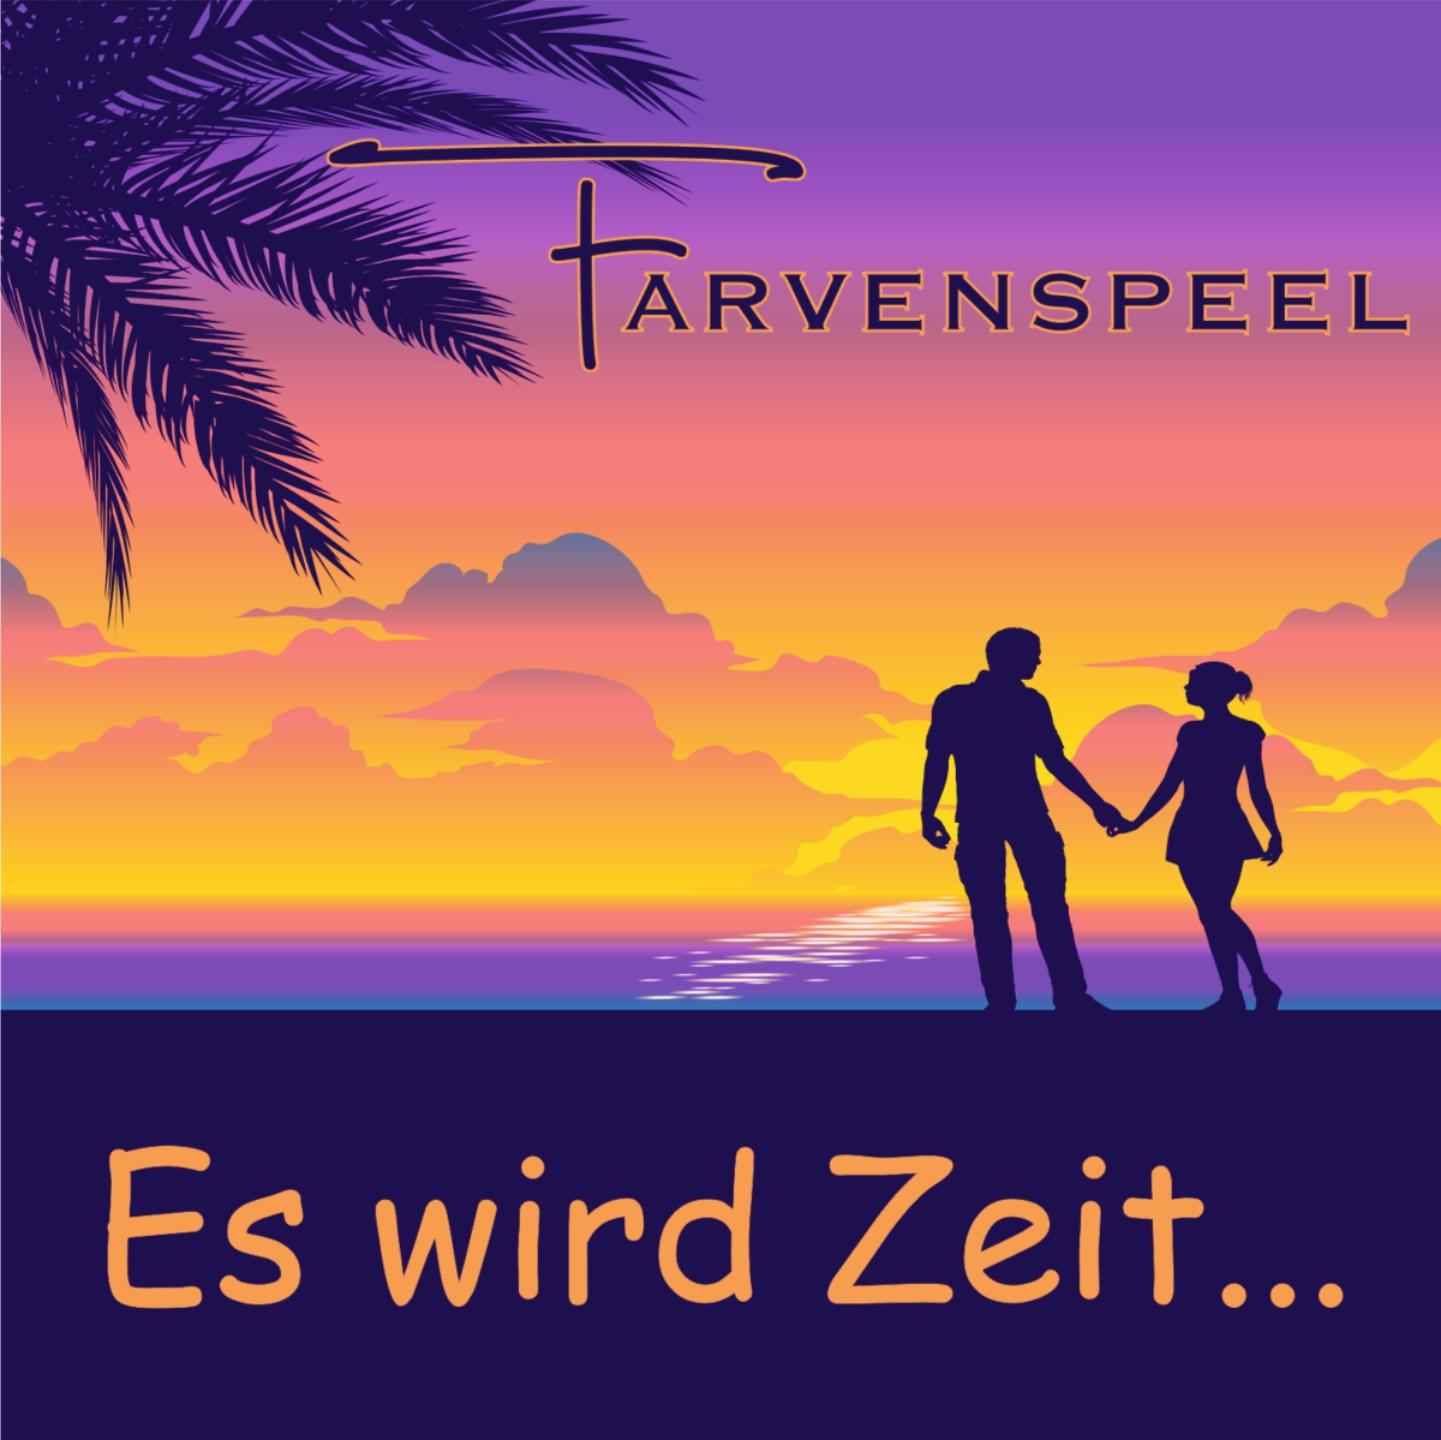 FARVENSPEEL * Es wird Zeit ... (Download-Track)